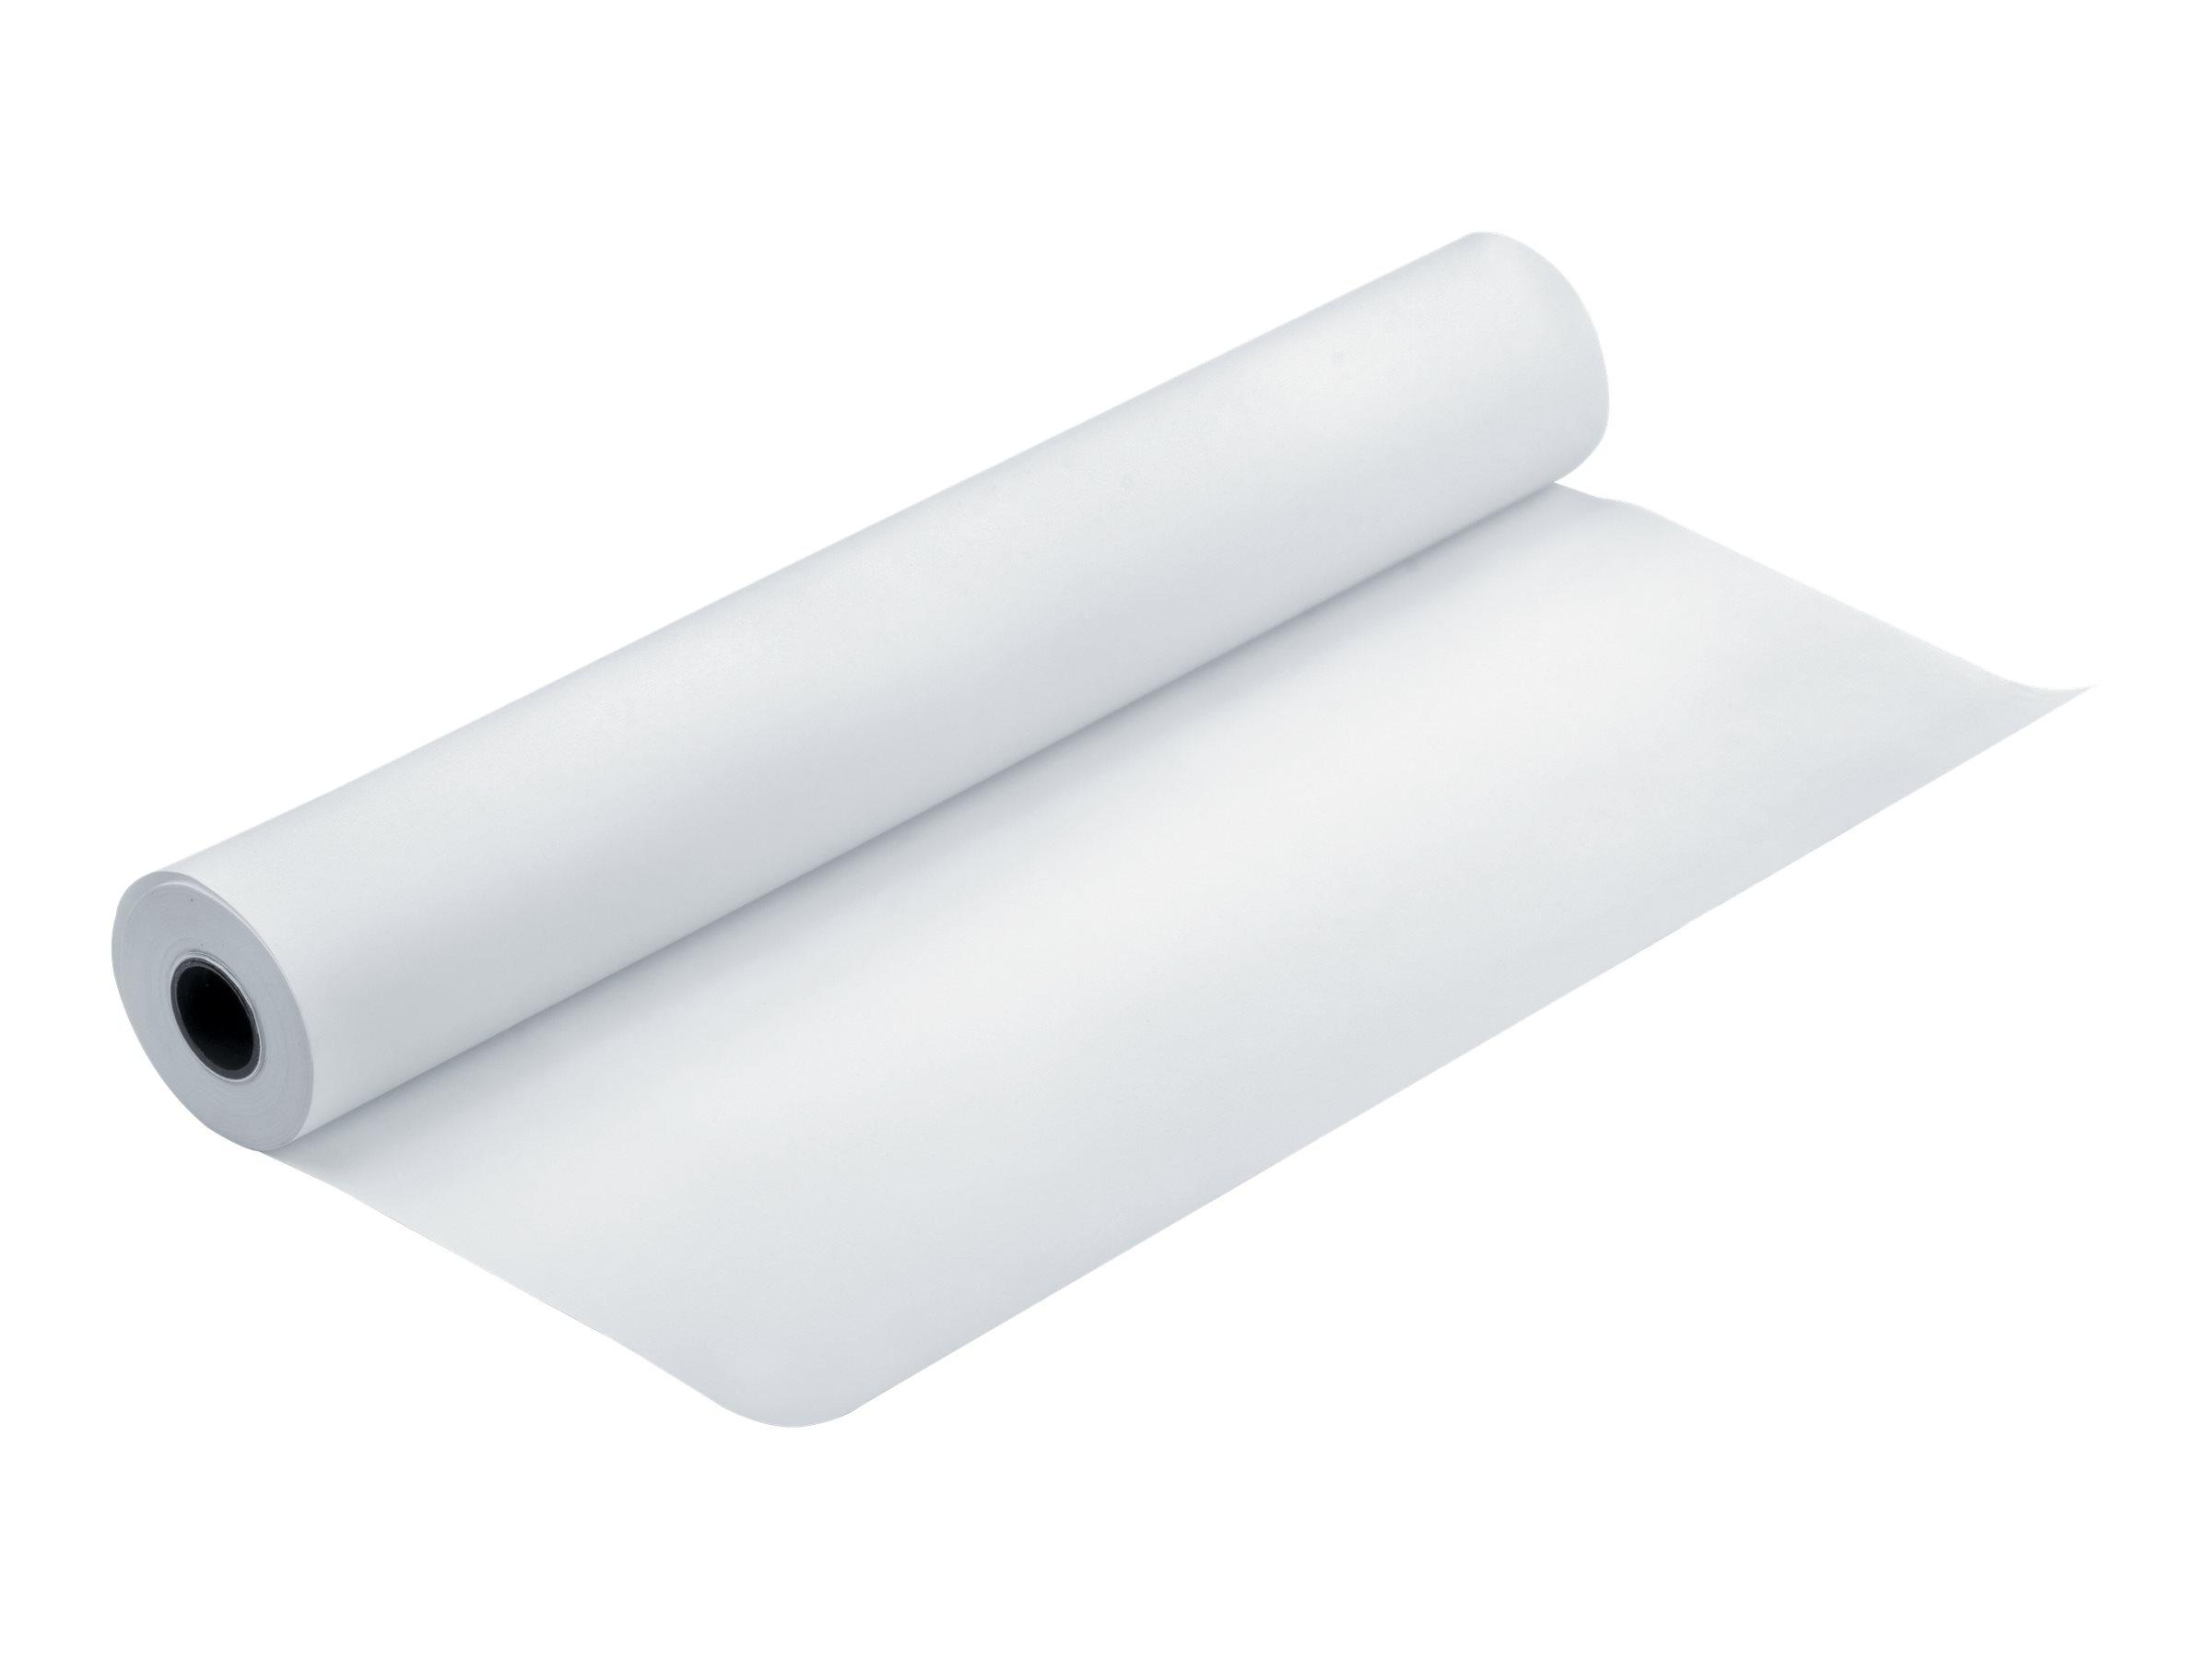 Epson Premium Glossy Photo Paper (250) - Glänzend - Rolle (152,4 cm x 30,5 m) - 260 g/m² - 1 Rolle(n) Fotopapier - für Stylus Pr